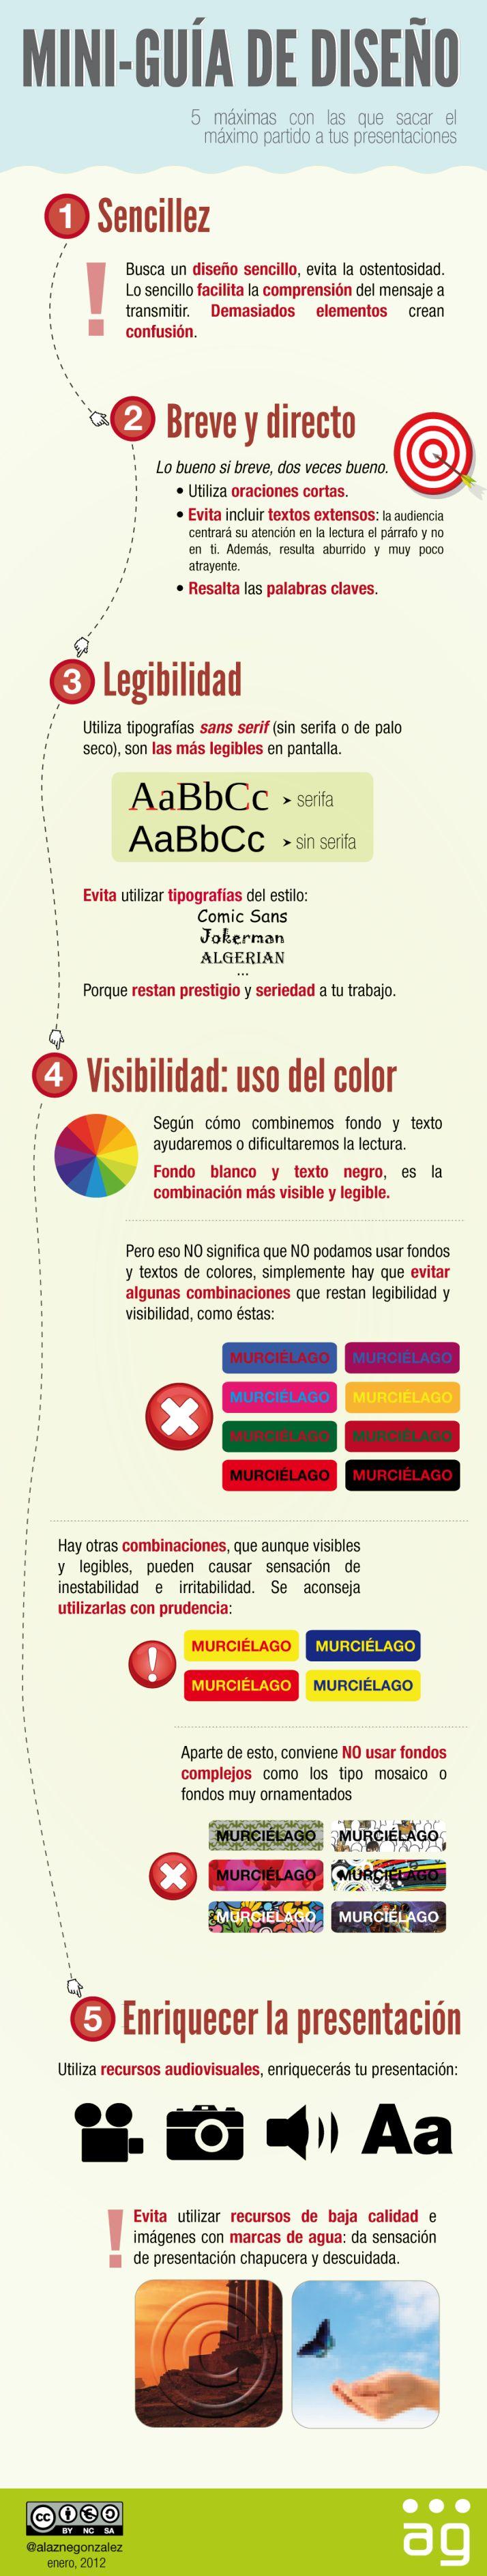 Cómo mejorar el diseño de tus presentaciones #infografia #infographic#design